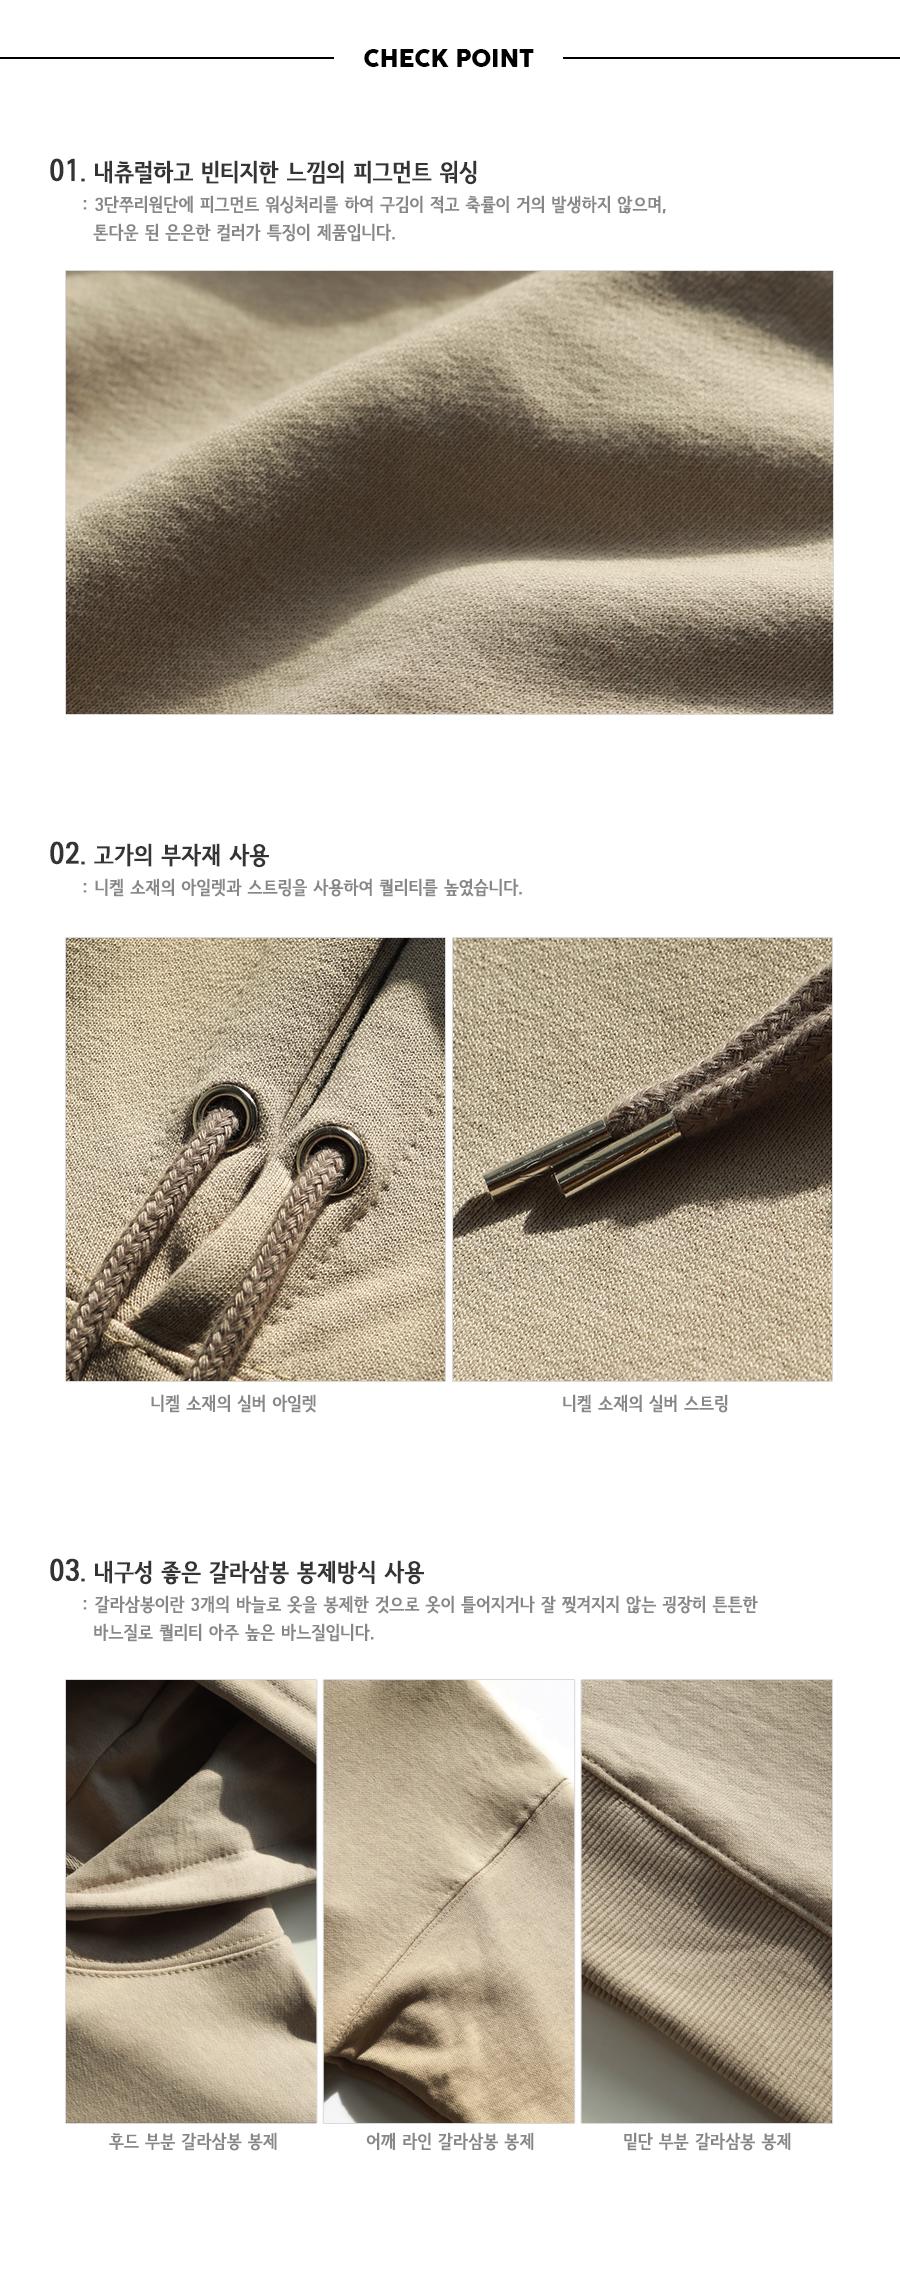 [제멋] 피그먼트 워싱후드 5종 YHHD2177